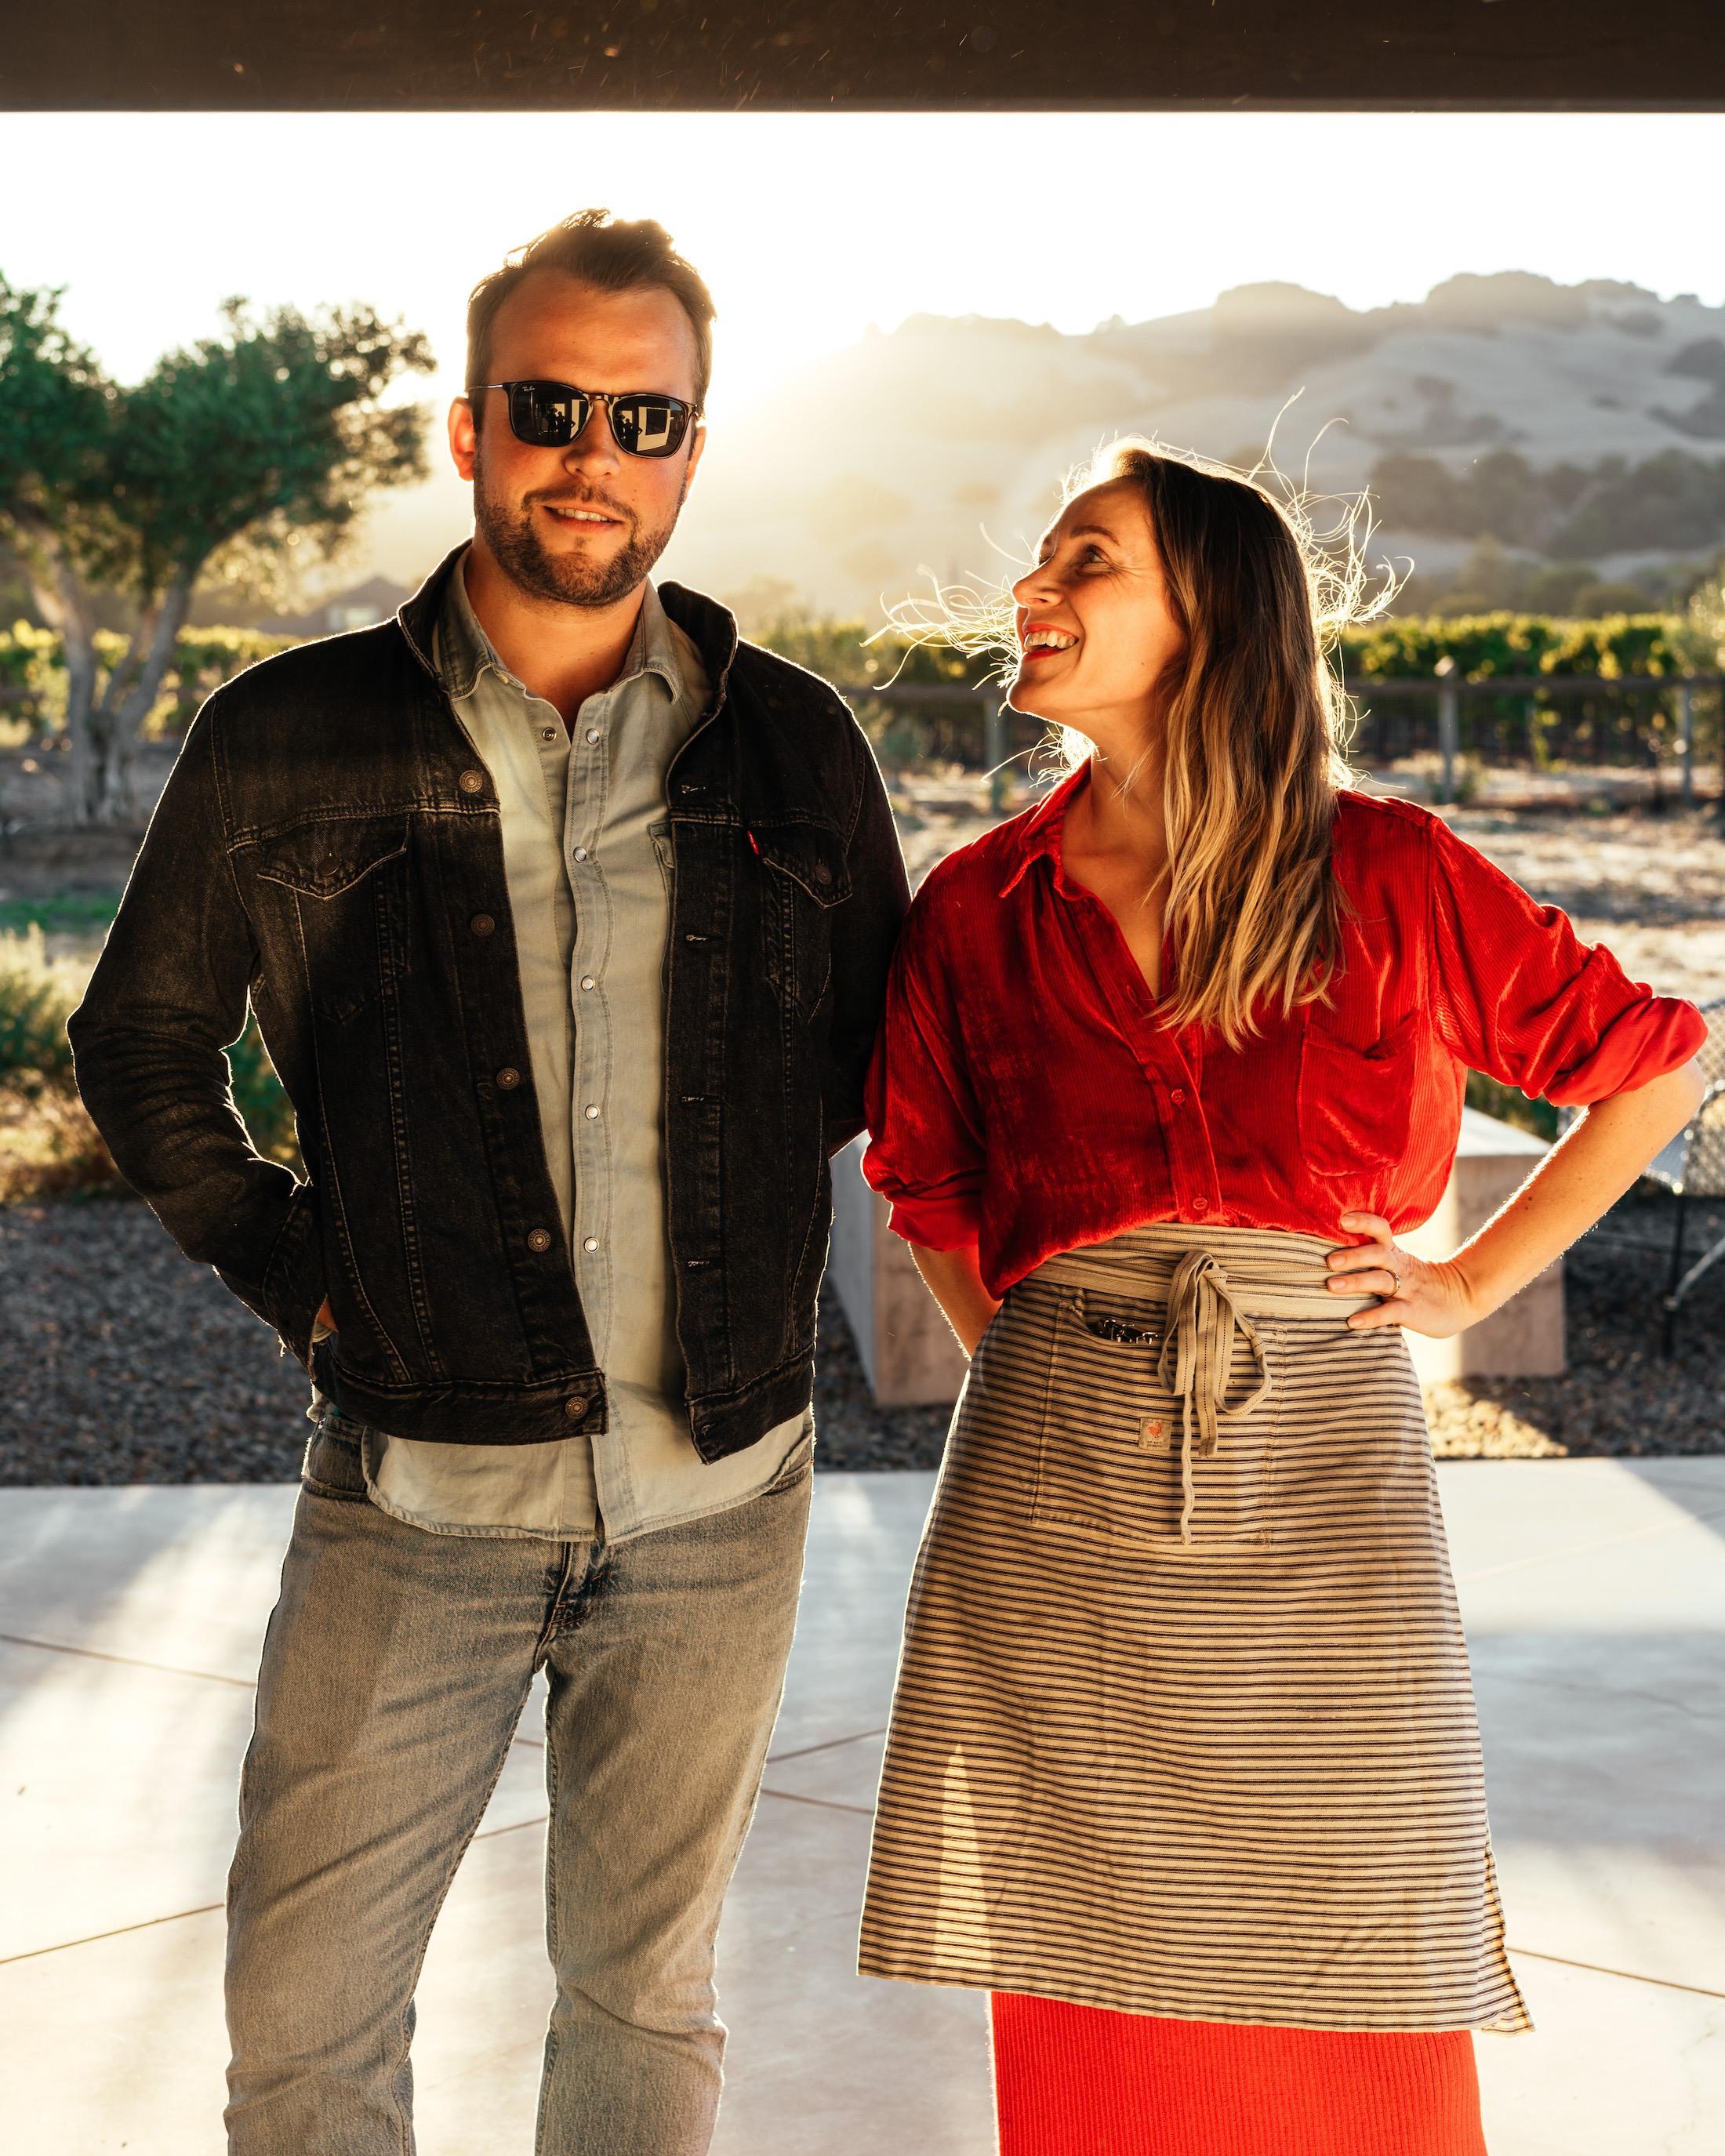 Lauren Feldman and Tanner Walle, co-owners of Valley Bar + Bottle